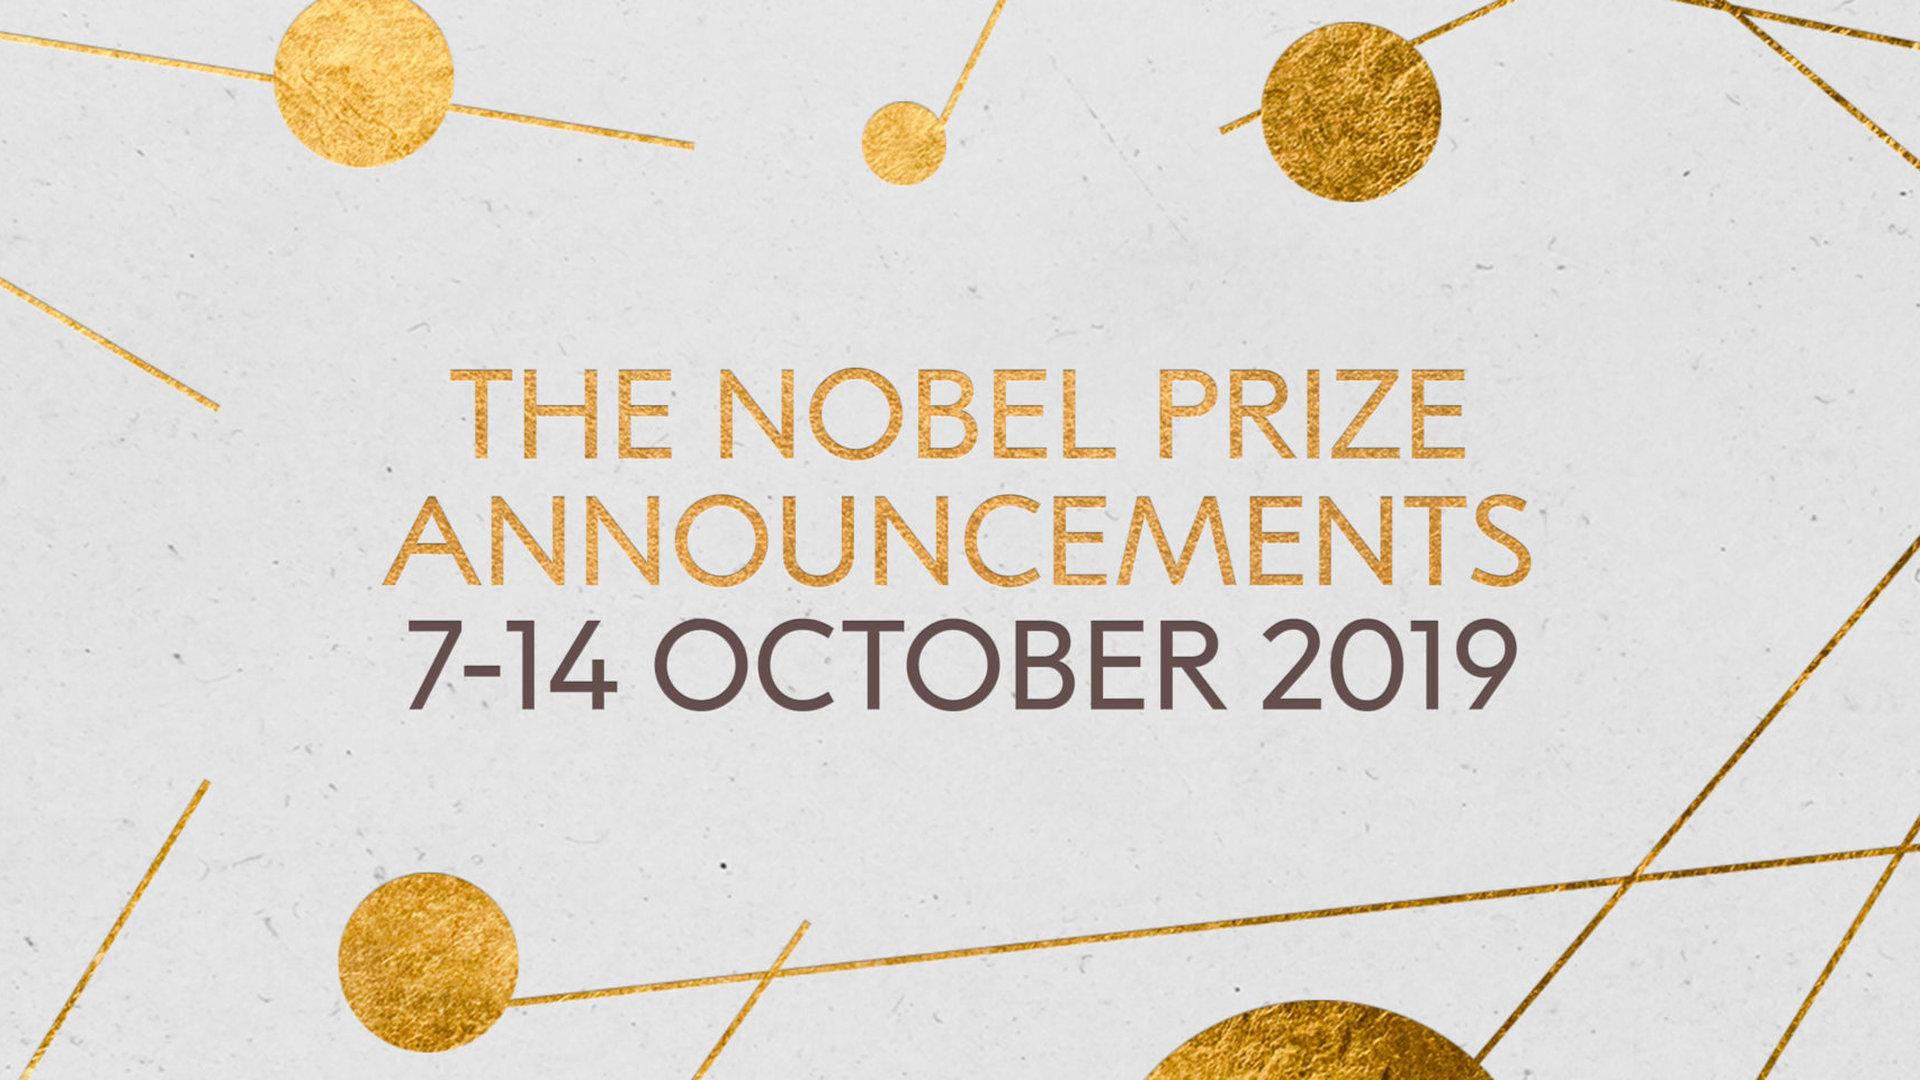 ВСтокгольме вручили Нобелевскую премию помедицине ифизиологии